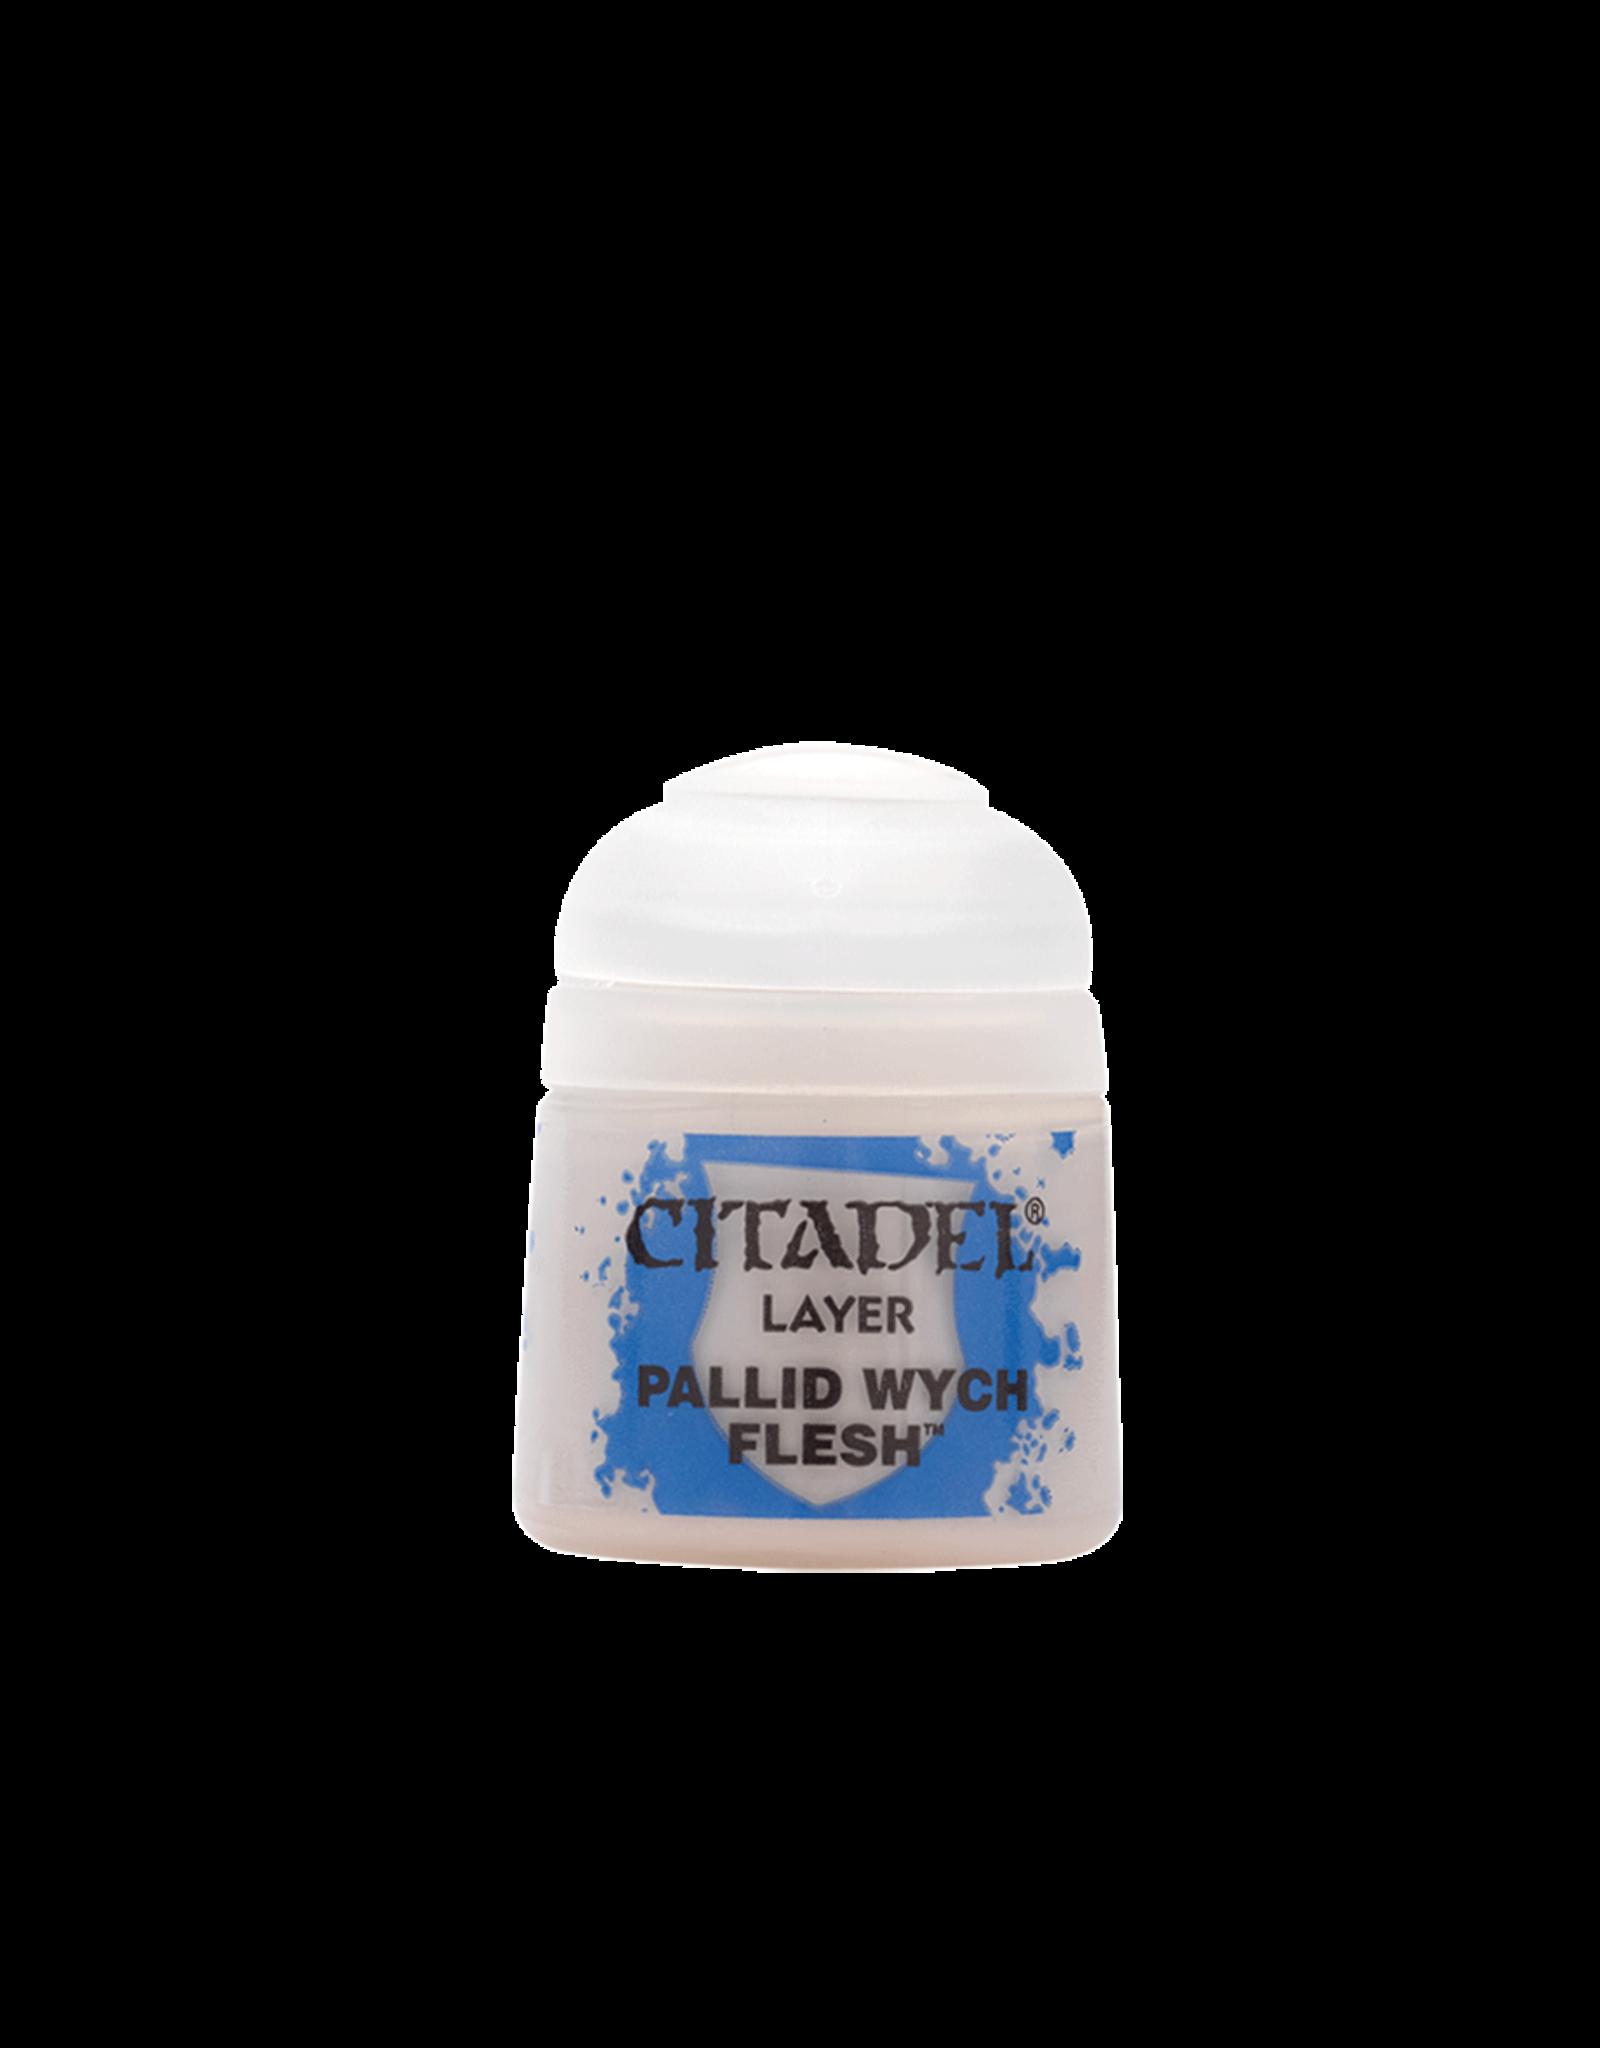 Citadel Citadel Paints: Layer -  Pallid Wytch Flesh